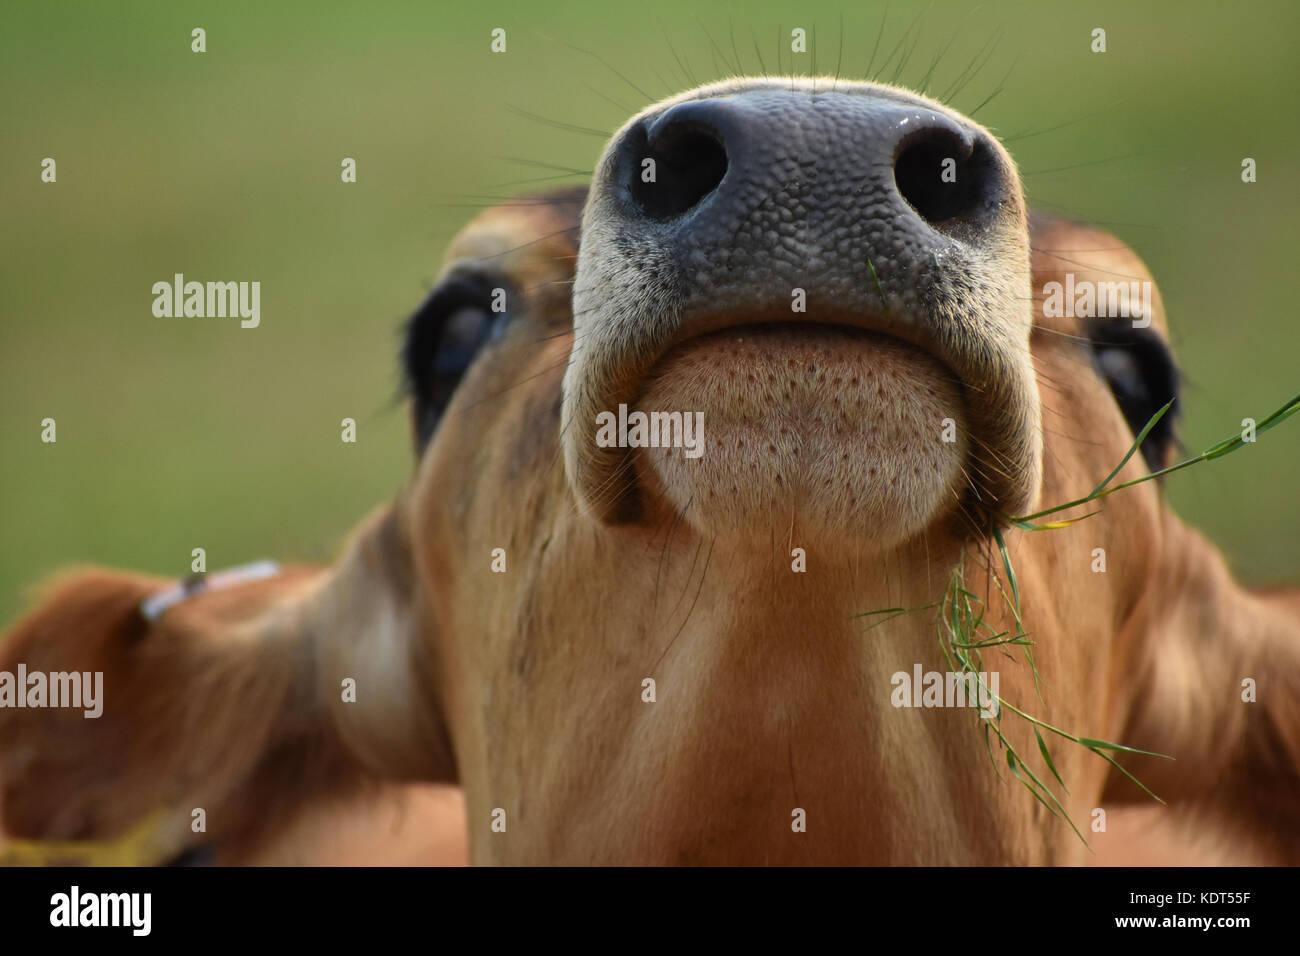 Vache mange de l'herbe avec la tête en l'air montrant ses narines et la bouche libre. Les vaches tête Photo Stock